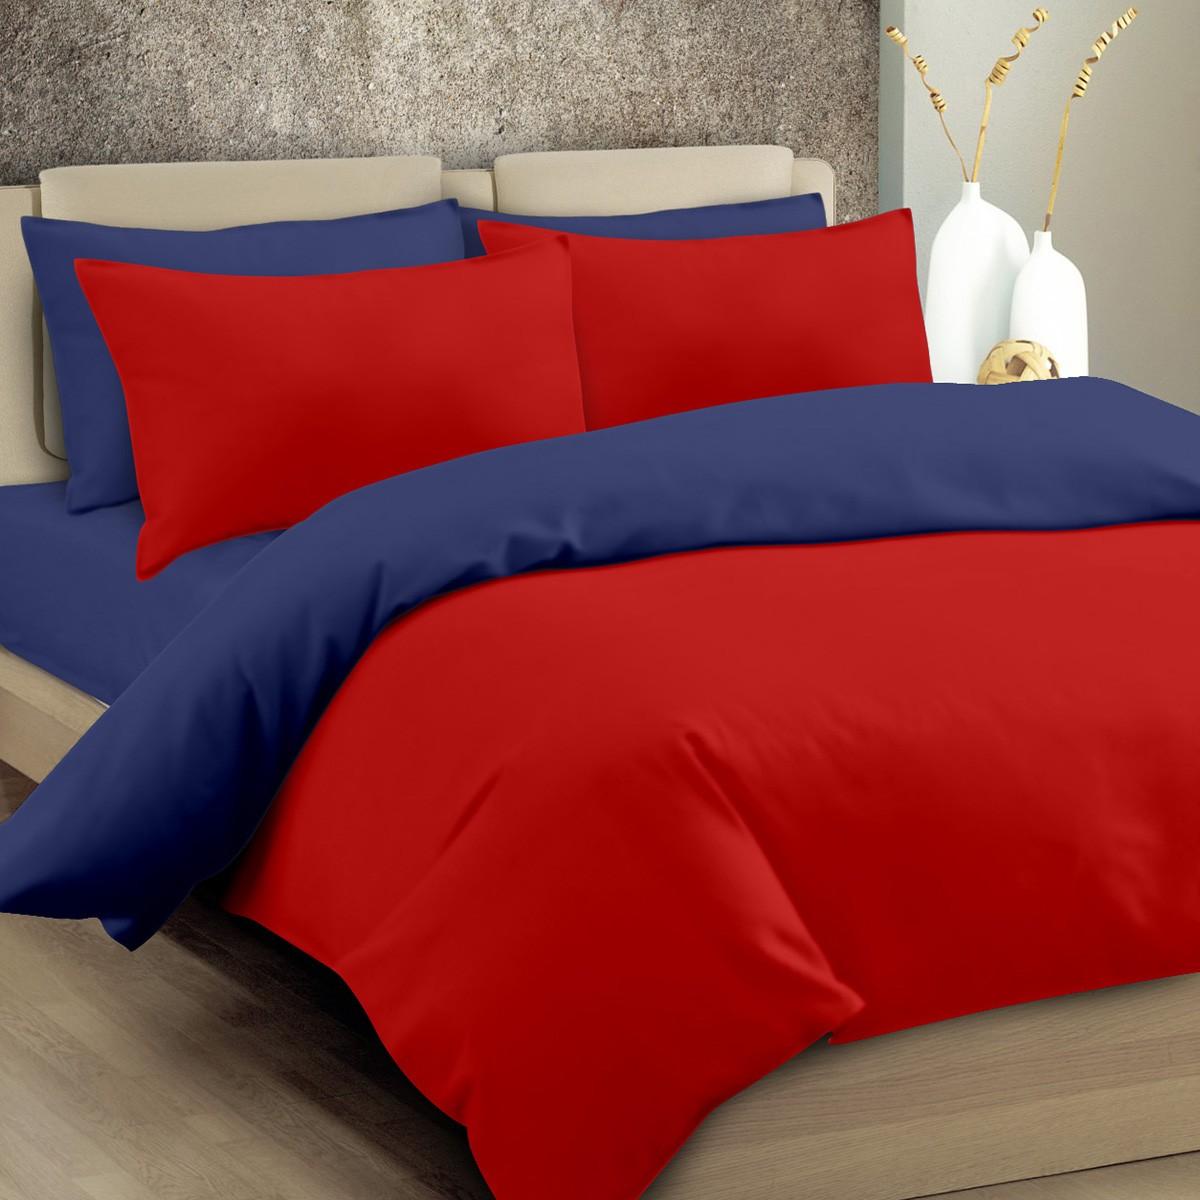 Παπλωματοθήκη Υπέρδιπλη Maison Blanche 11004 Κόκκινο/Μπλε